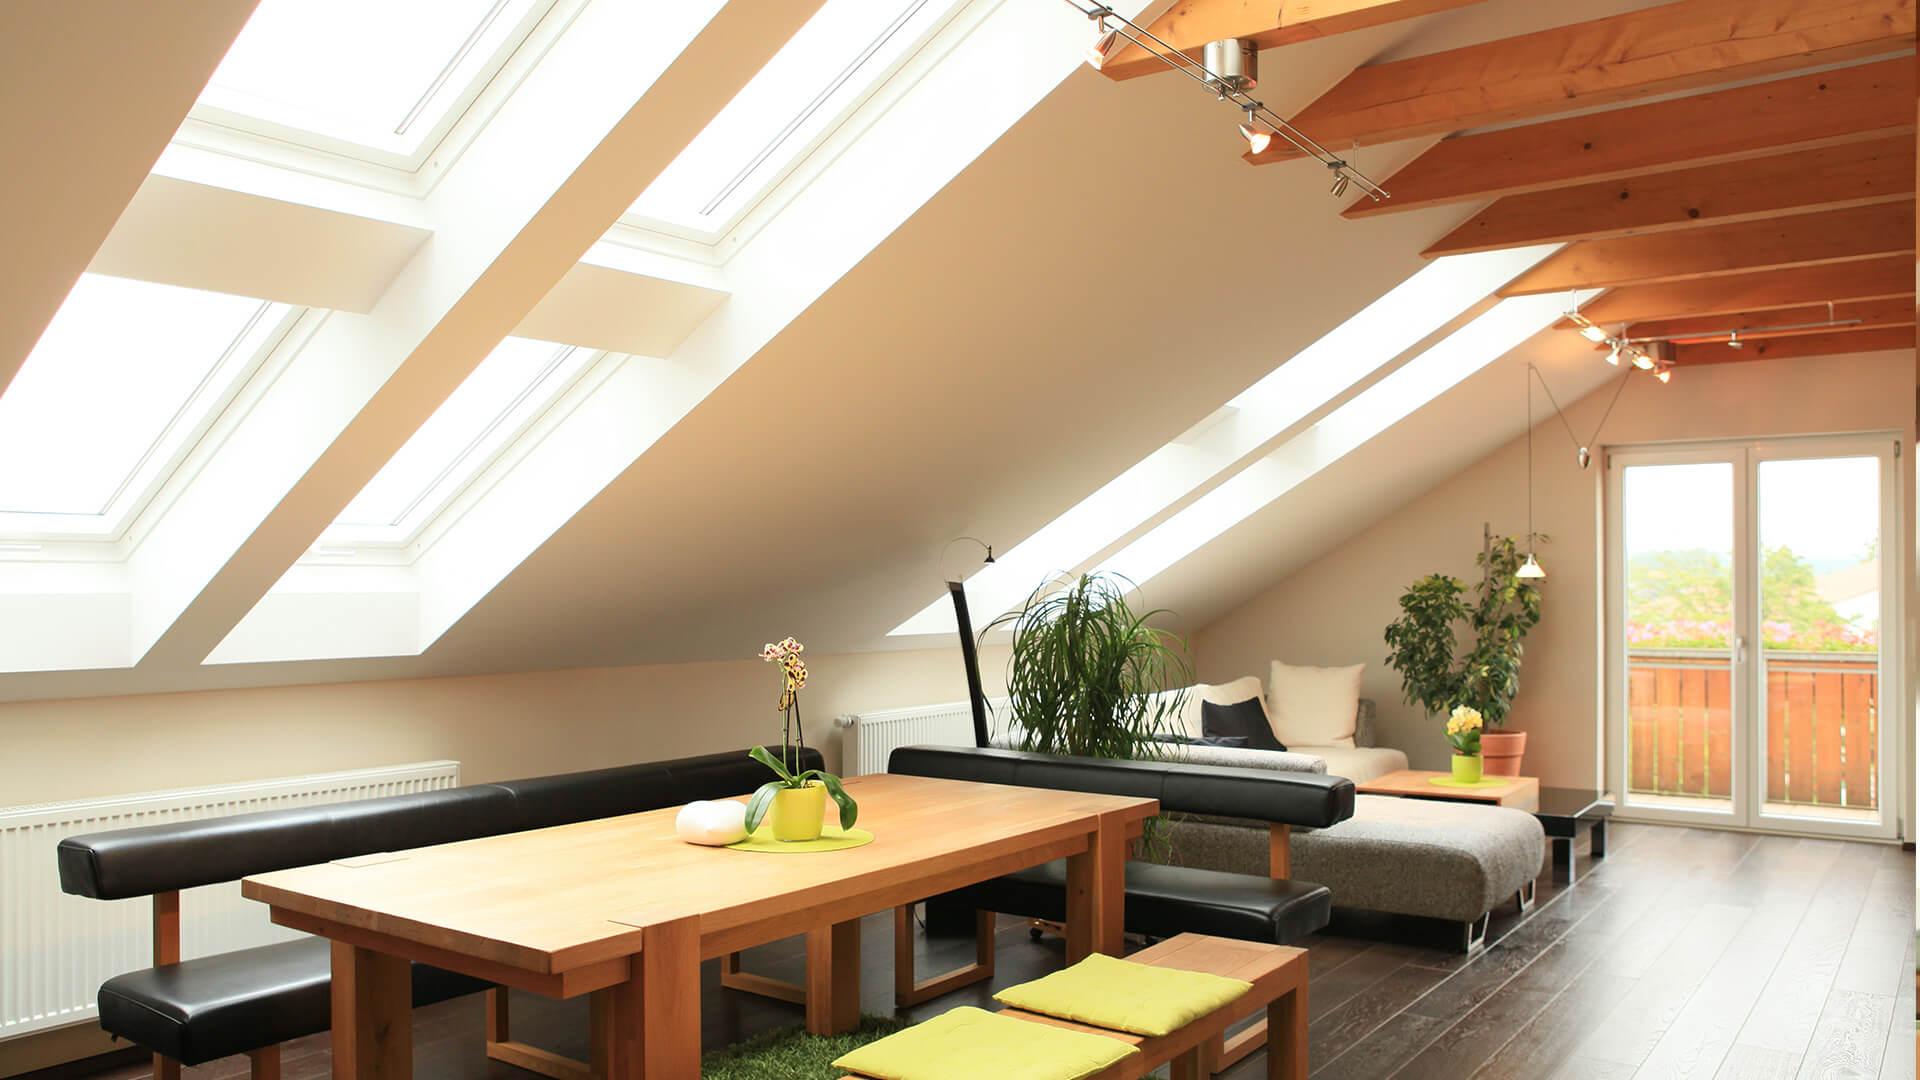 hintergrund_dach_innenausbau